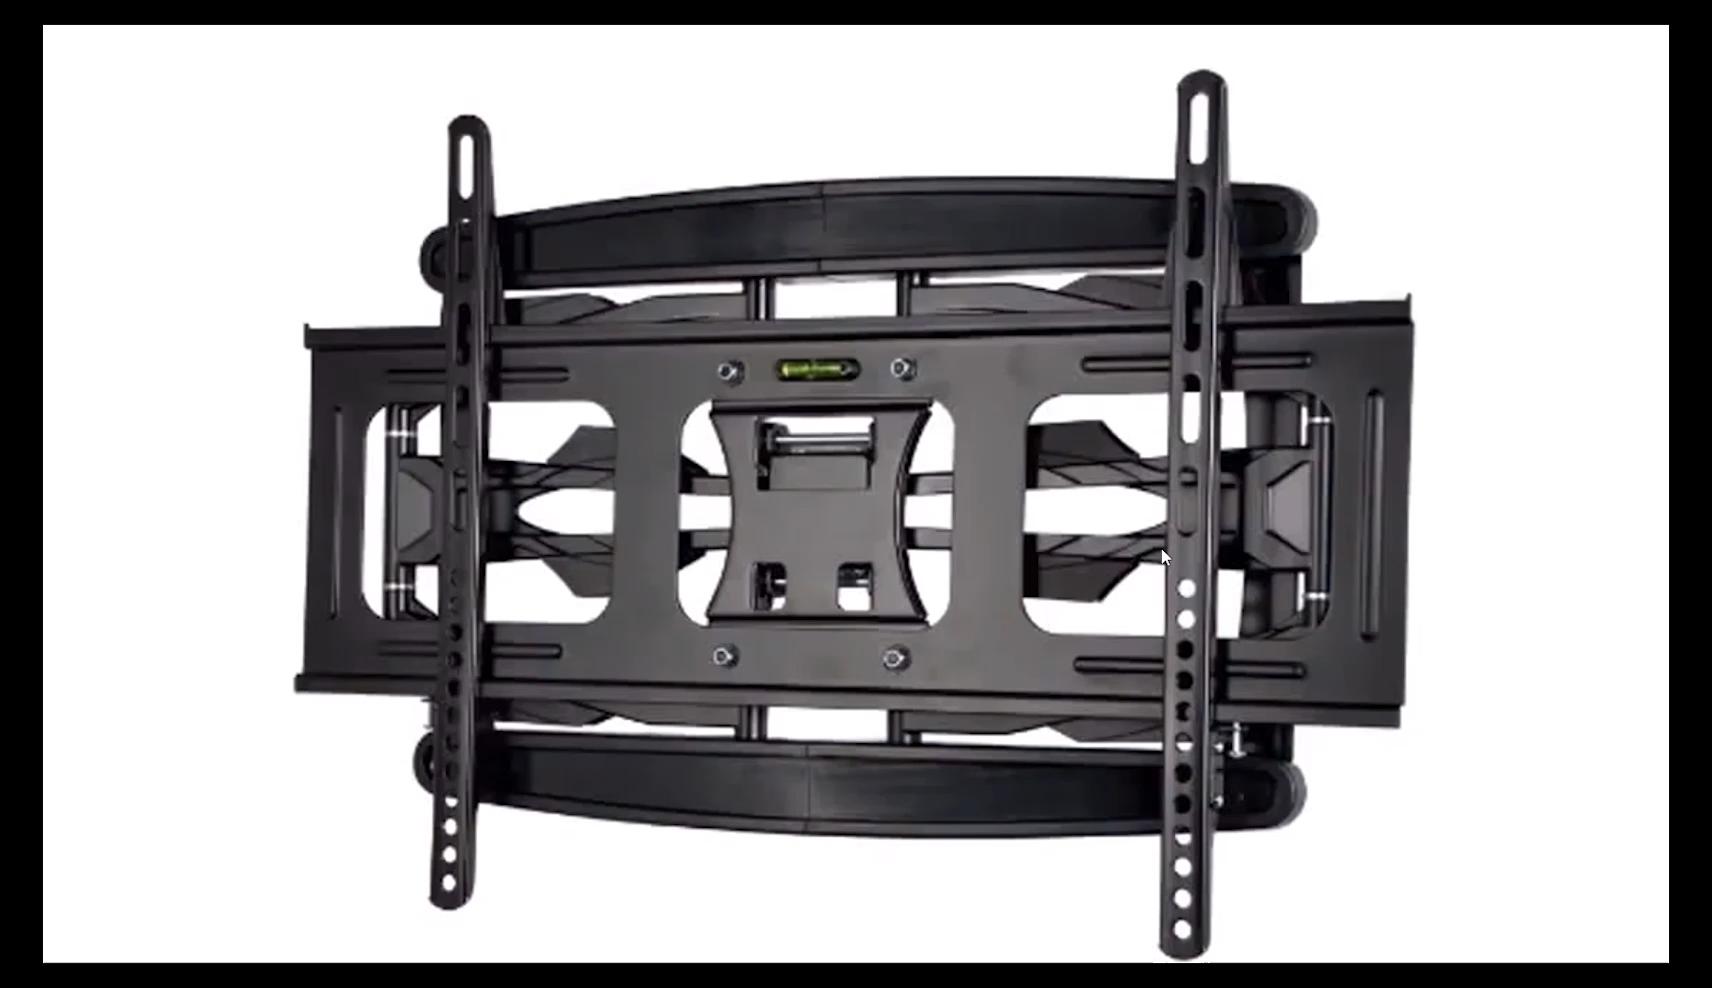 टीवी दीवार माउंट दोहरी Articulating हथियार पूर्ण गति कुंडा विस्तार झुकाव टीवी 32-70 इंच के लिए